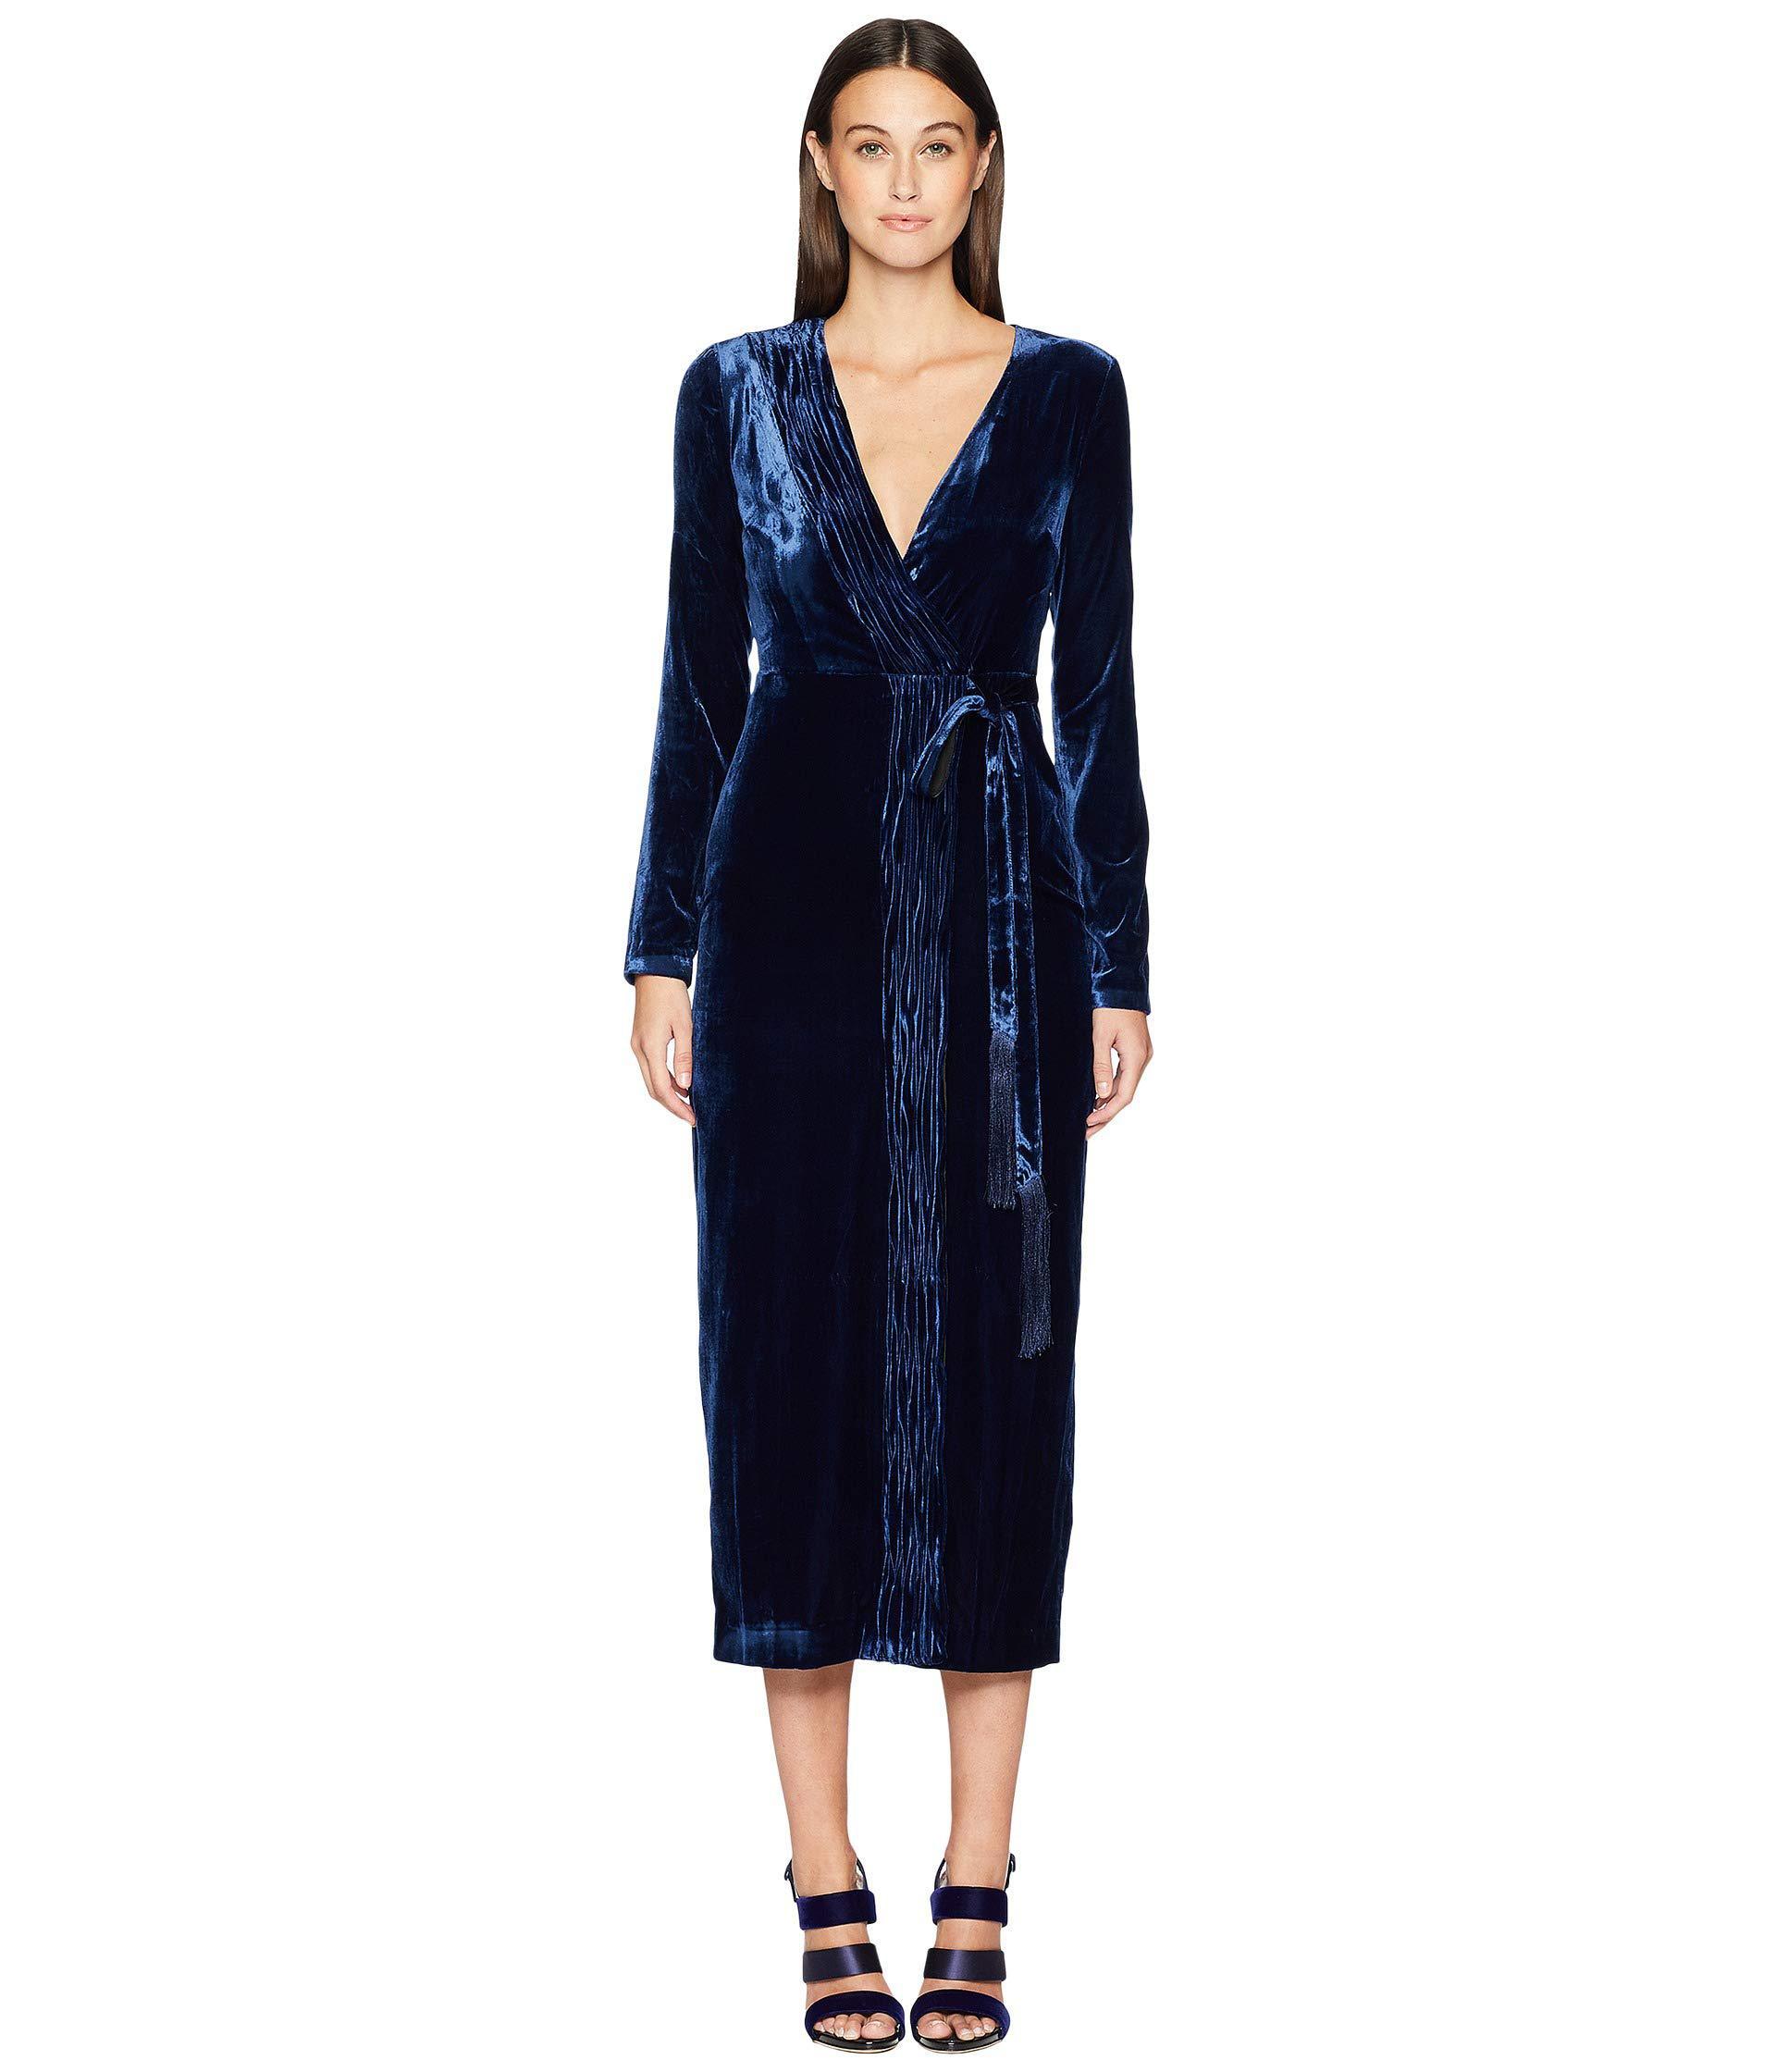 903b9323c5f Rachel Zoe Aly Dress (navy Sapphire) Women s Dress in Blue - Save 55 ...